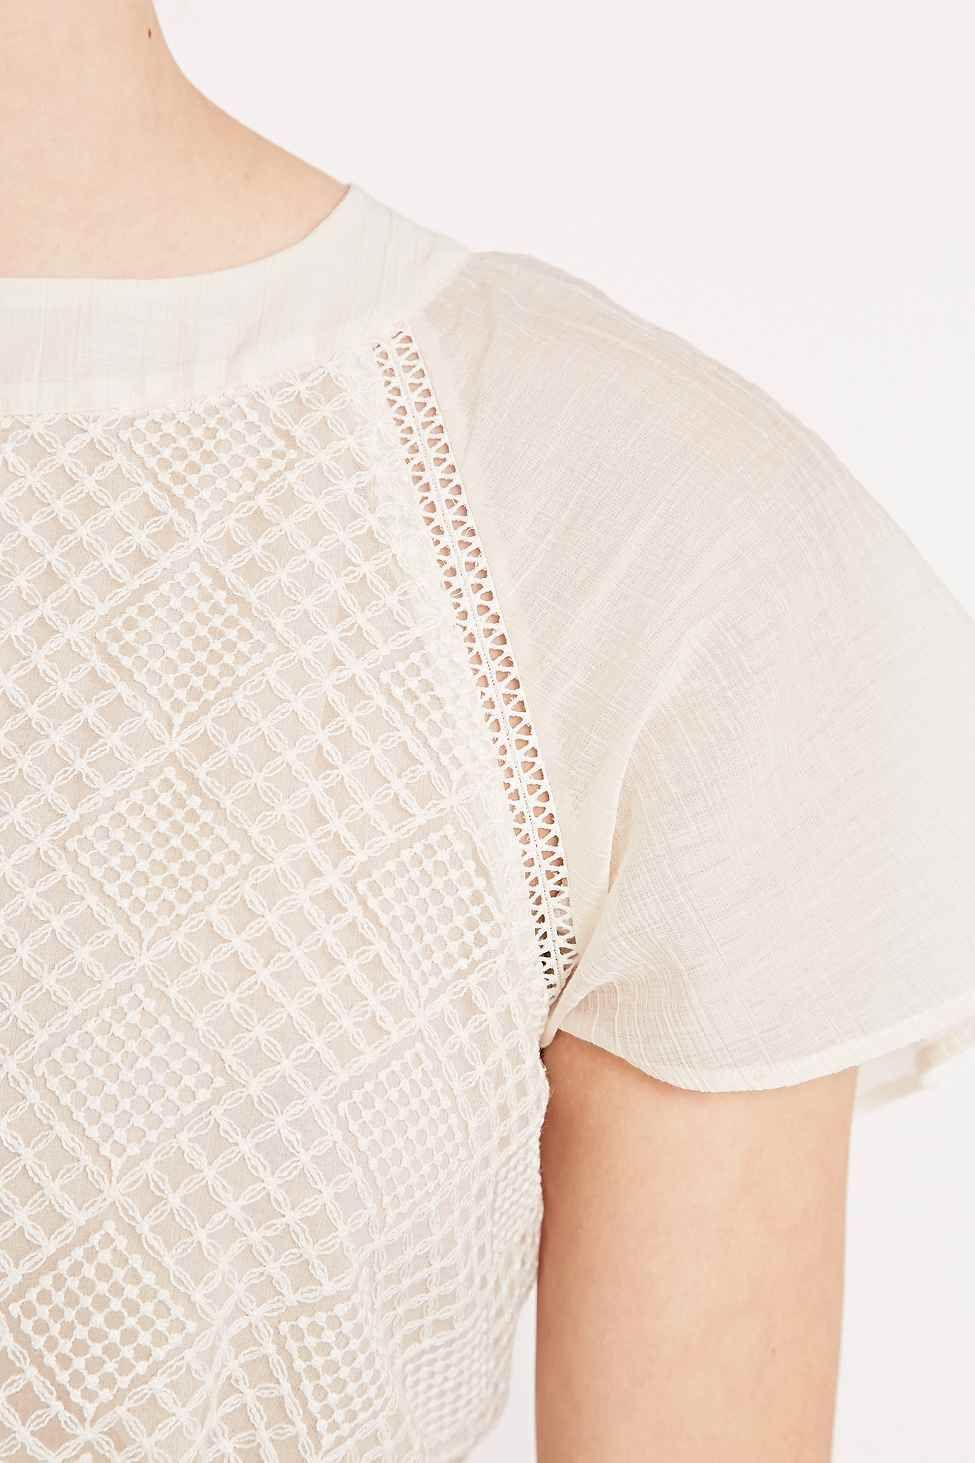 Sessun - Robe Delfina crème brodée à grand décolleté dos